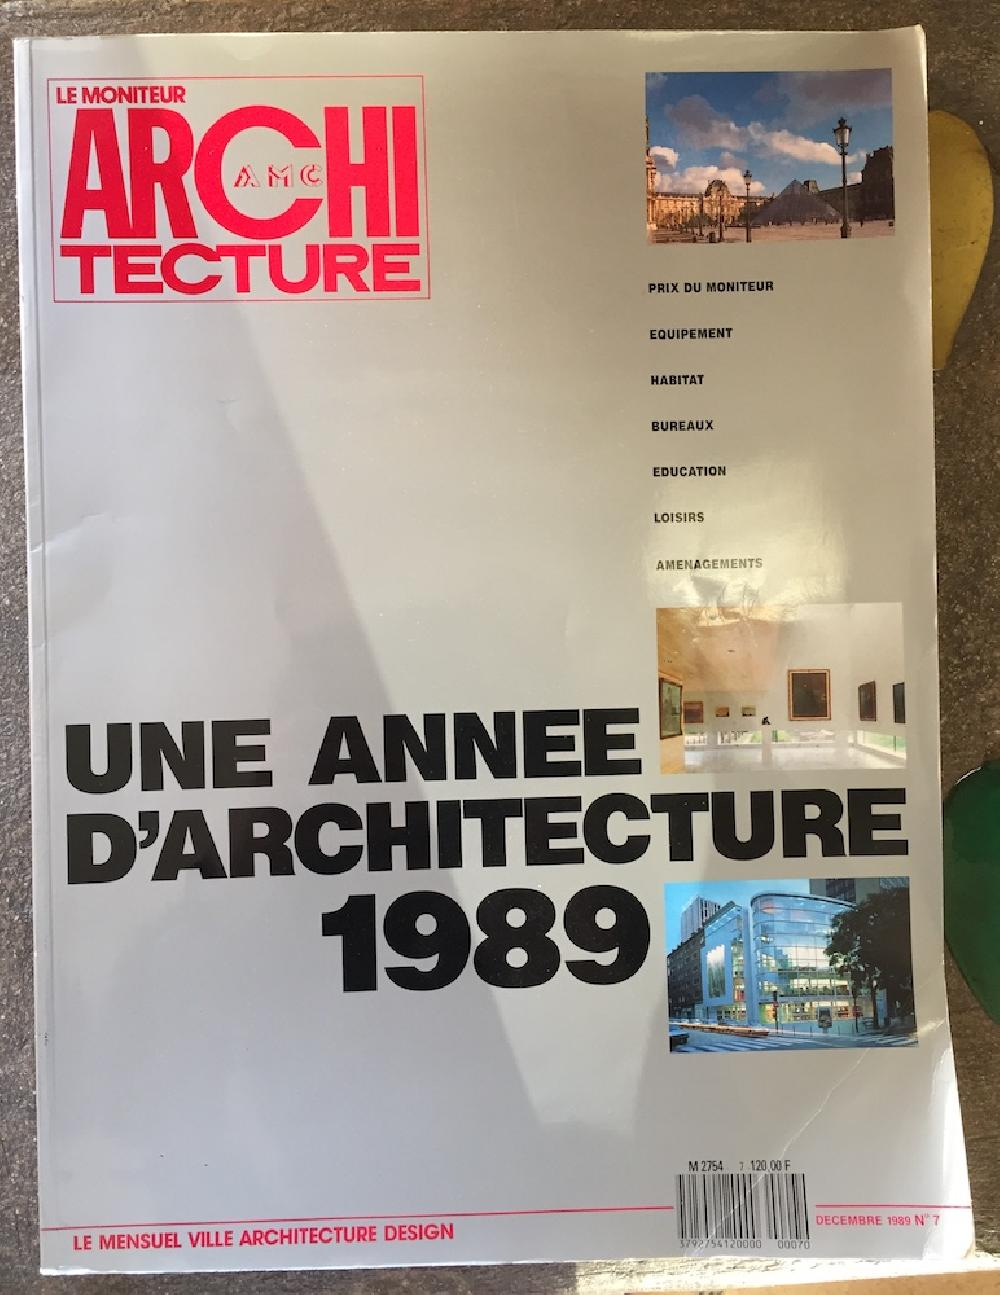 Une année d'architecture 1989